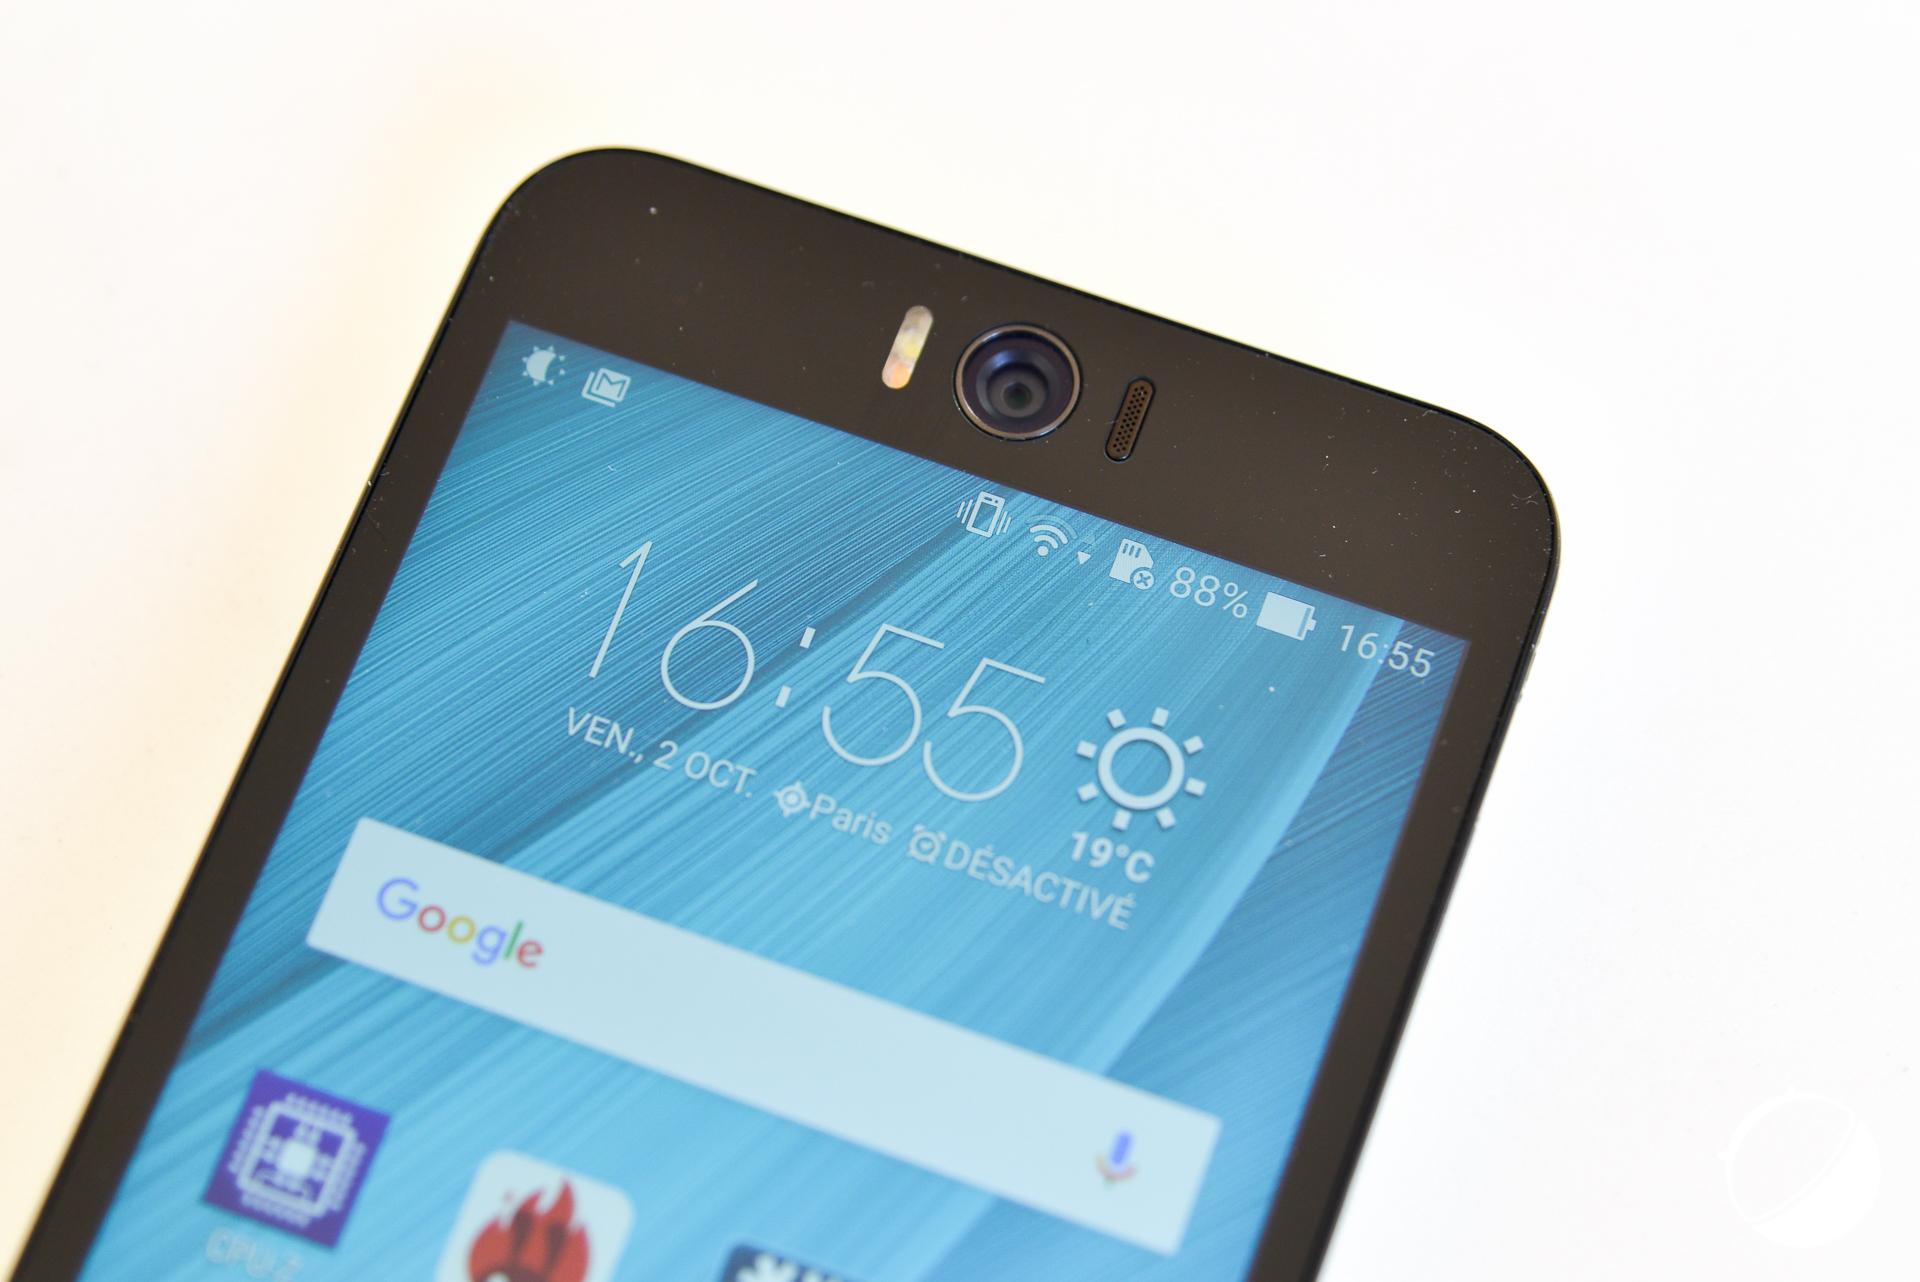 test asus zenfone selfie notre avis complet smartphones frandroid. Black Bedroom Furniture Sets. Home Design Ideas